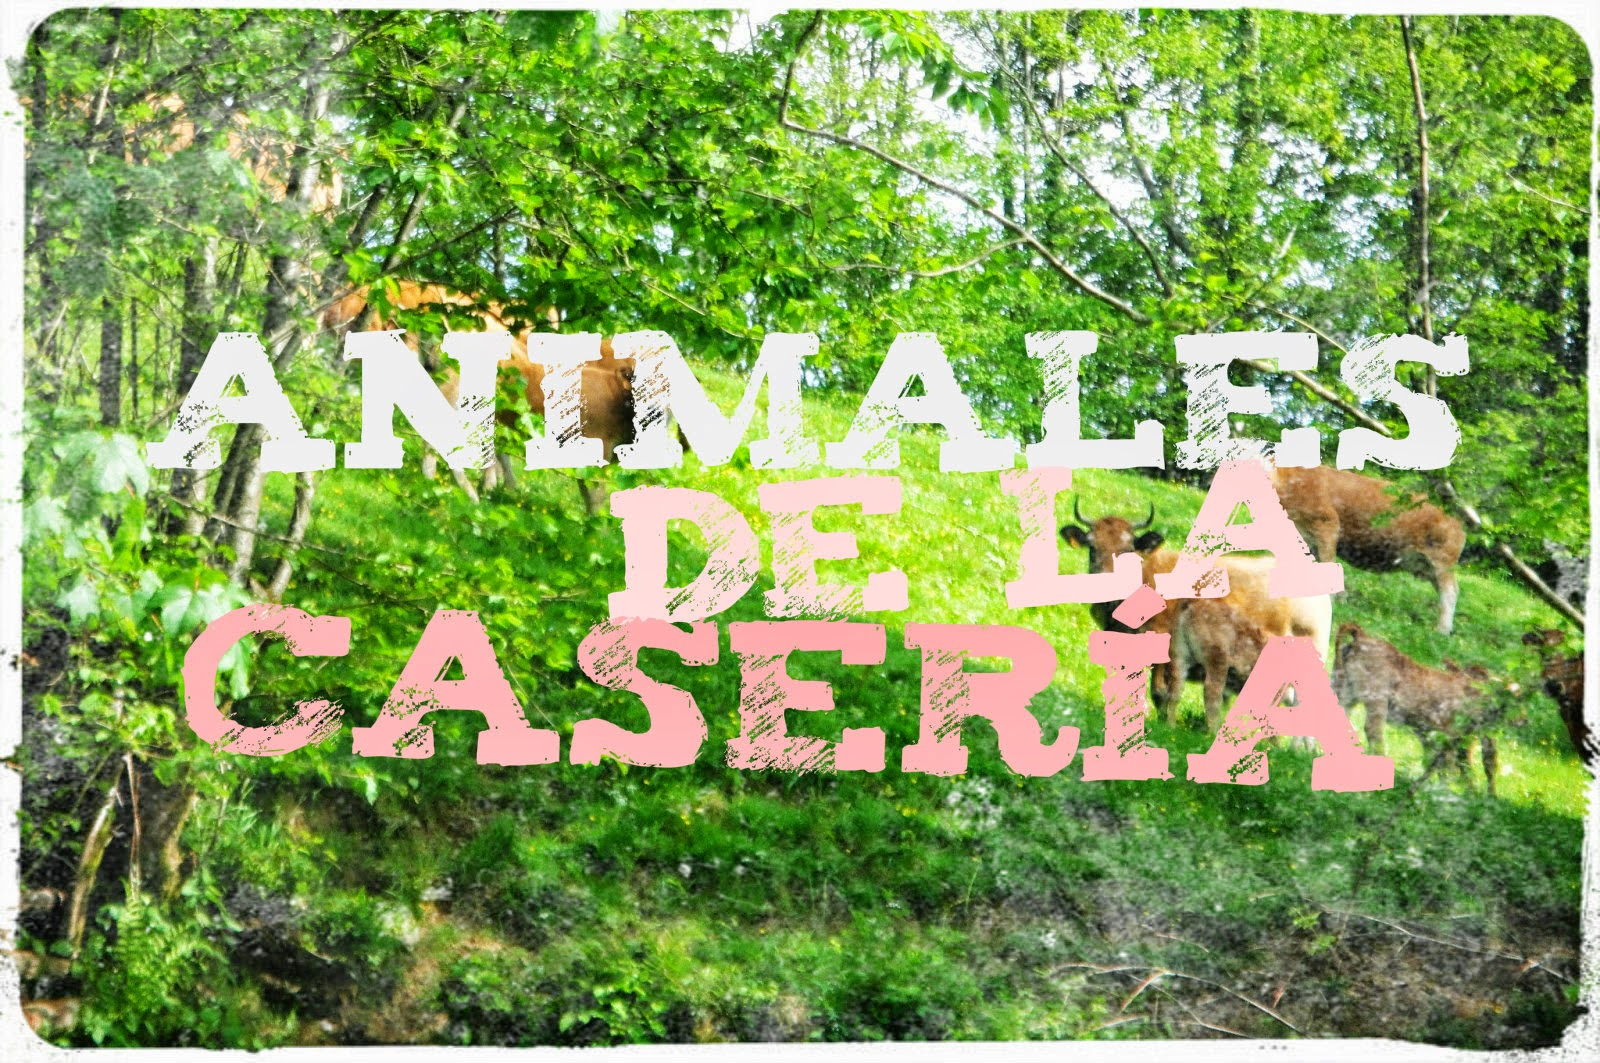 http://llinguanelaula.blogspot.com.es/2014/09/los-animales-de-la-caseria.html